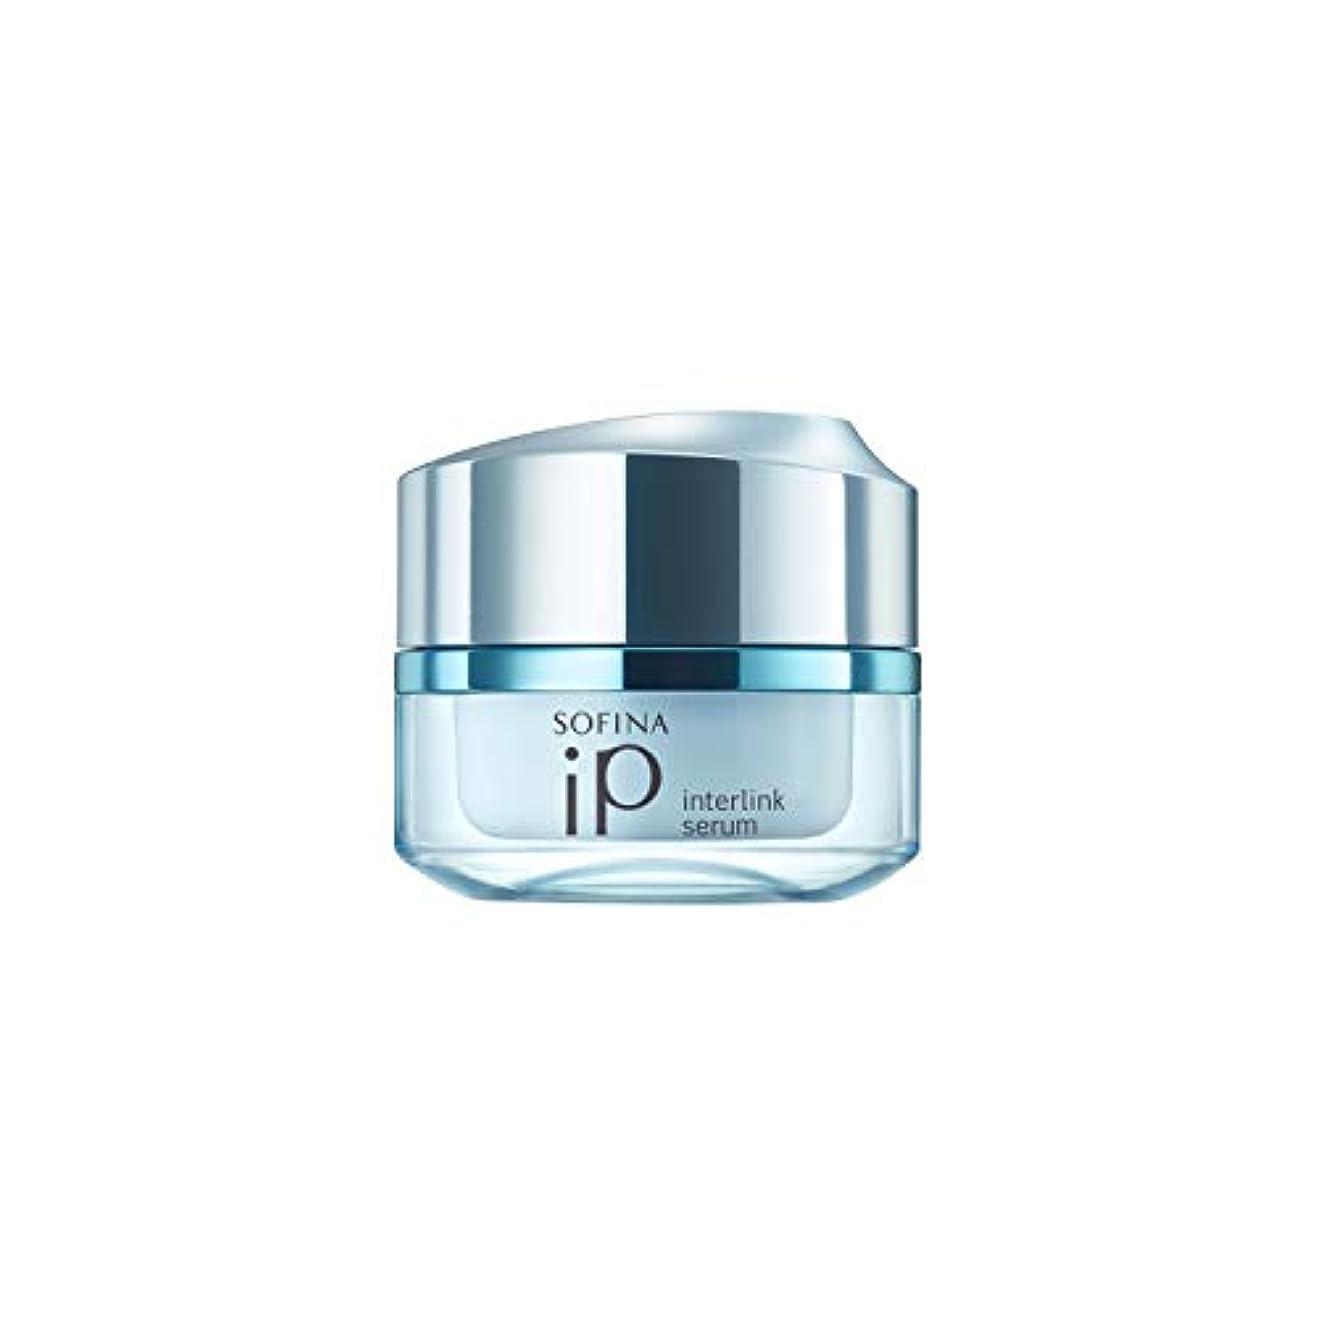 統合する保証金フォームソフィーナiP(アイピー) ソフィーナ iP インターリンク セラム うるおって柔らかな肌へ 美容液 55g